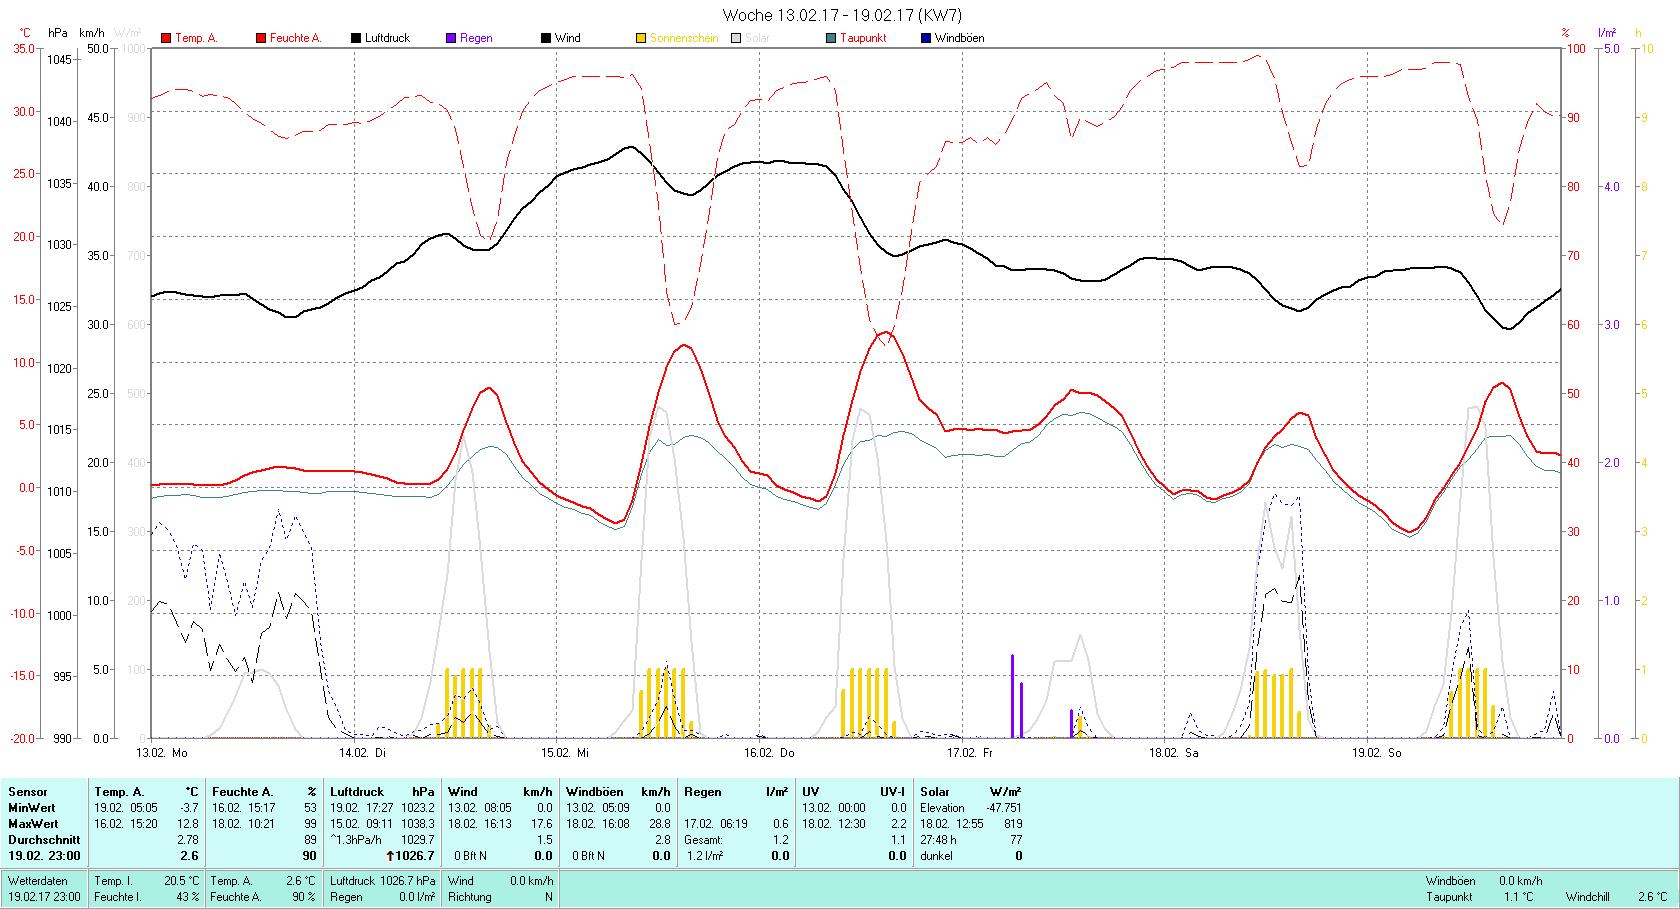 KW 7 Tmin -3.7°C, Tmax 12.8°C, Sonne 27:48h, Niederschlag 1.2mm/2